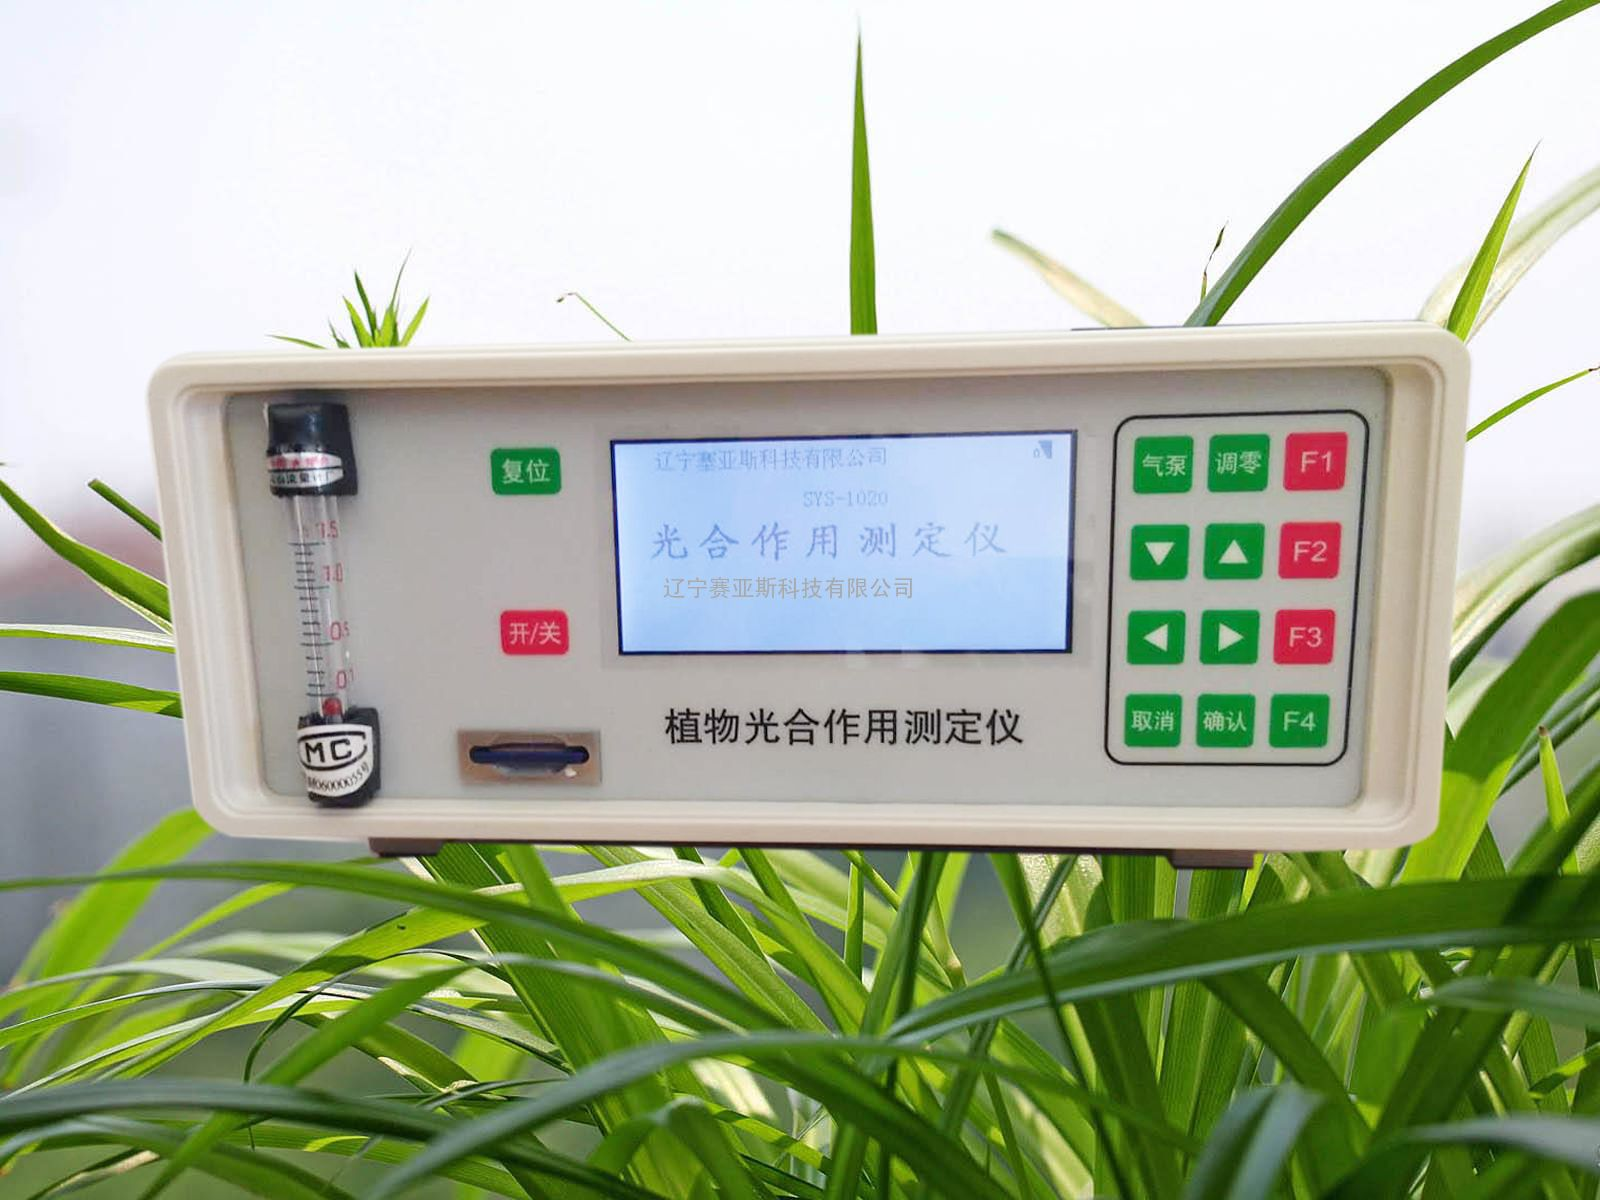 植物光合仪作用测定仪SYS-1020